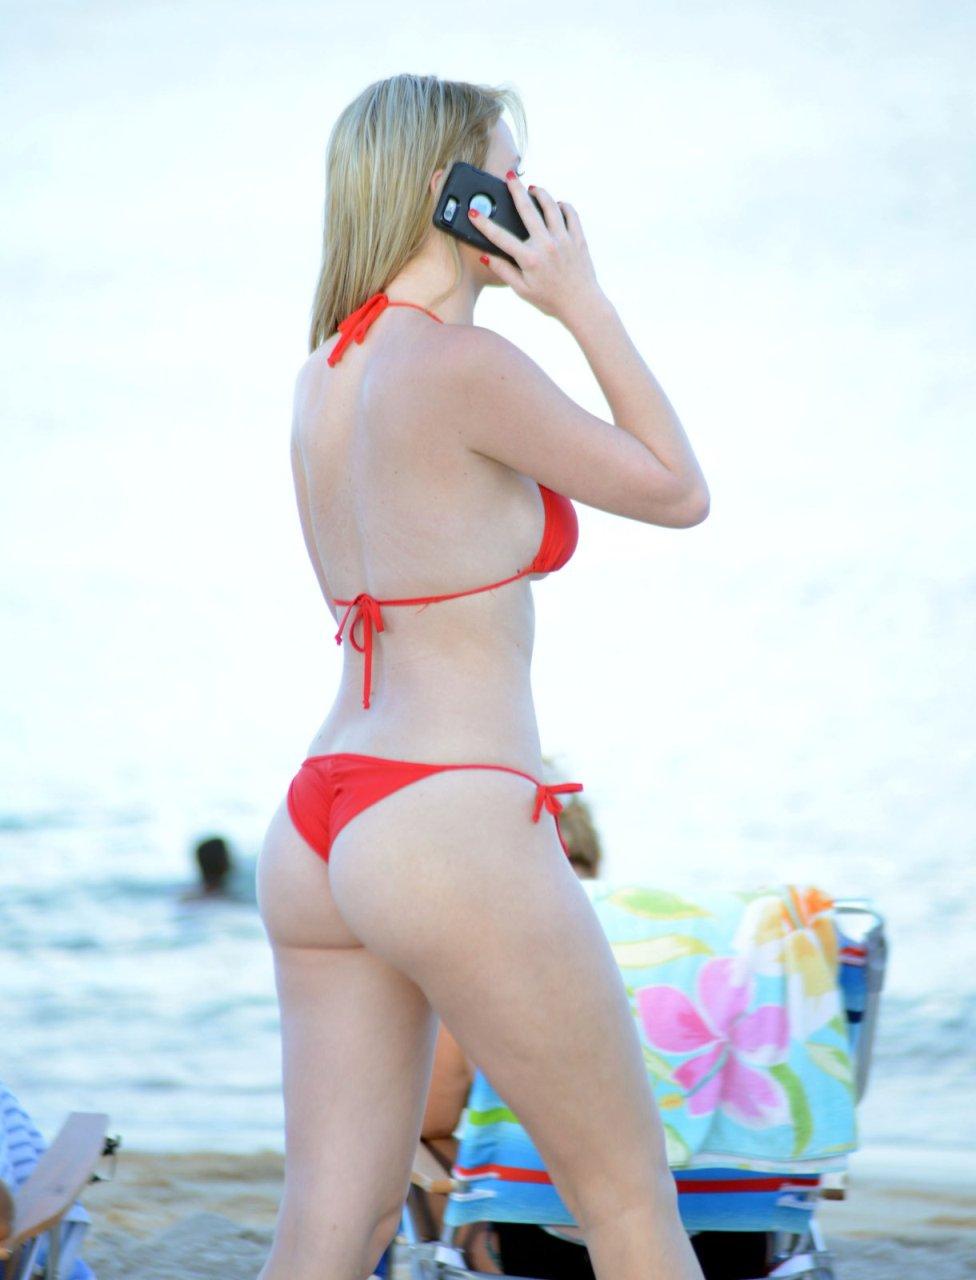 Rachel Sanders in a Bikini (14 Photos)